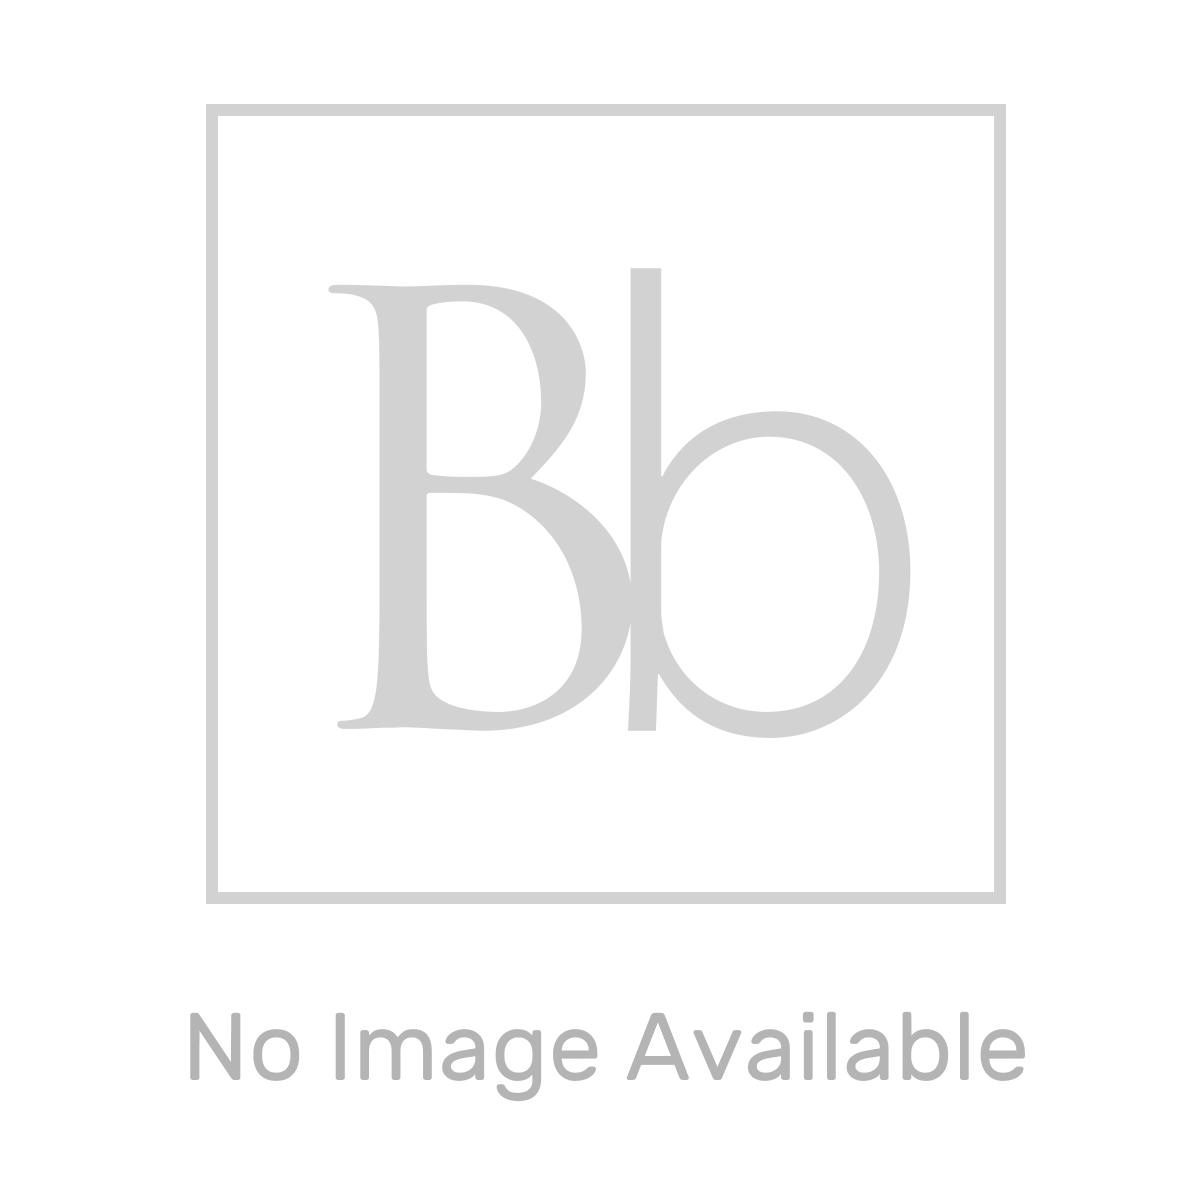 Frontline Aquaglass+ Sphere Black Tinted Quadrant Shower Enclosure